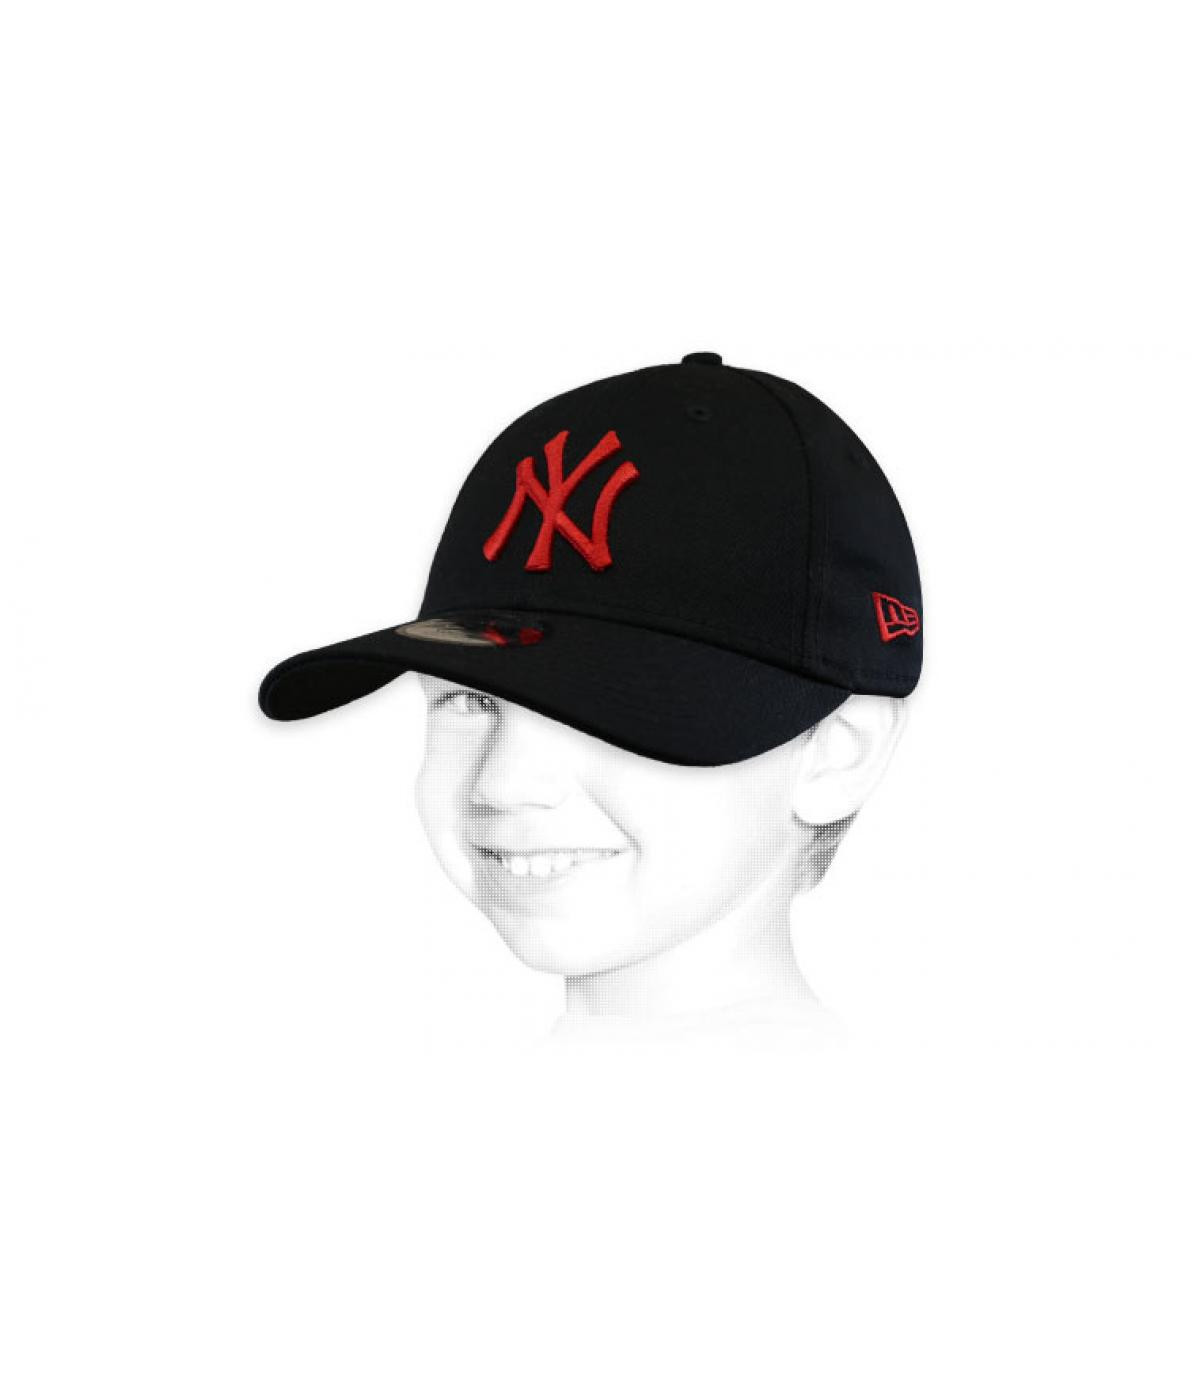 Kinder Cap NY schwarz rot